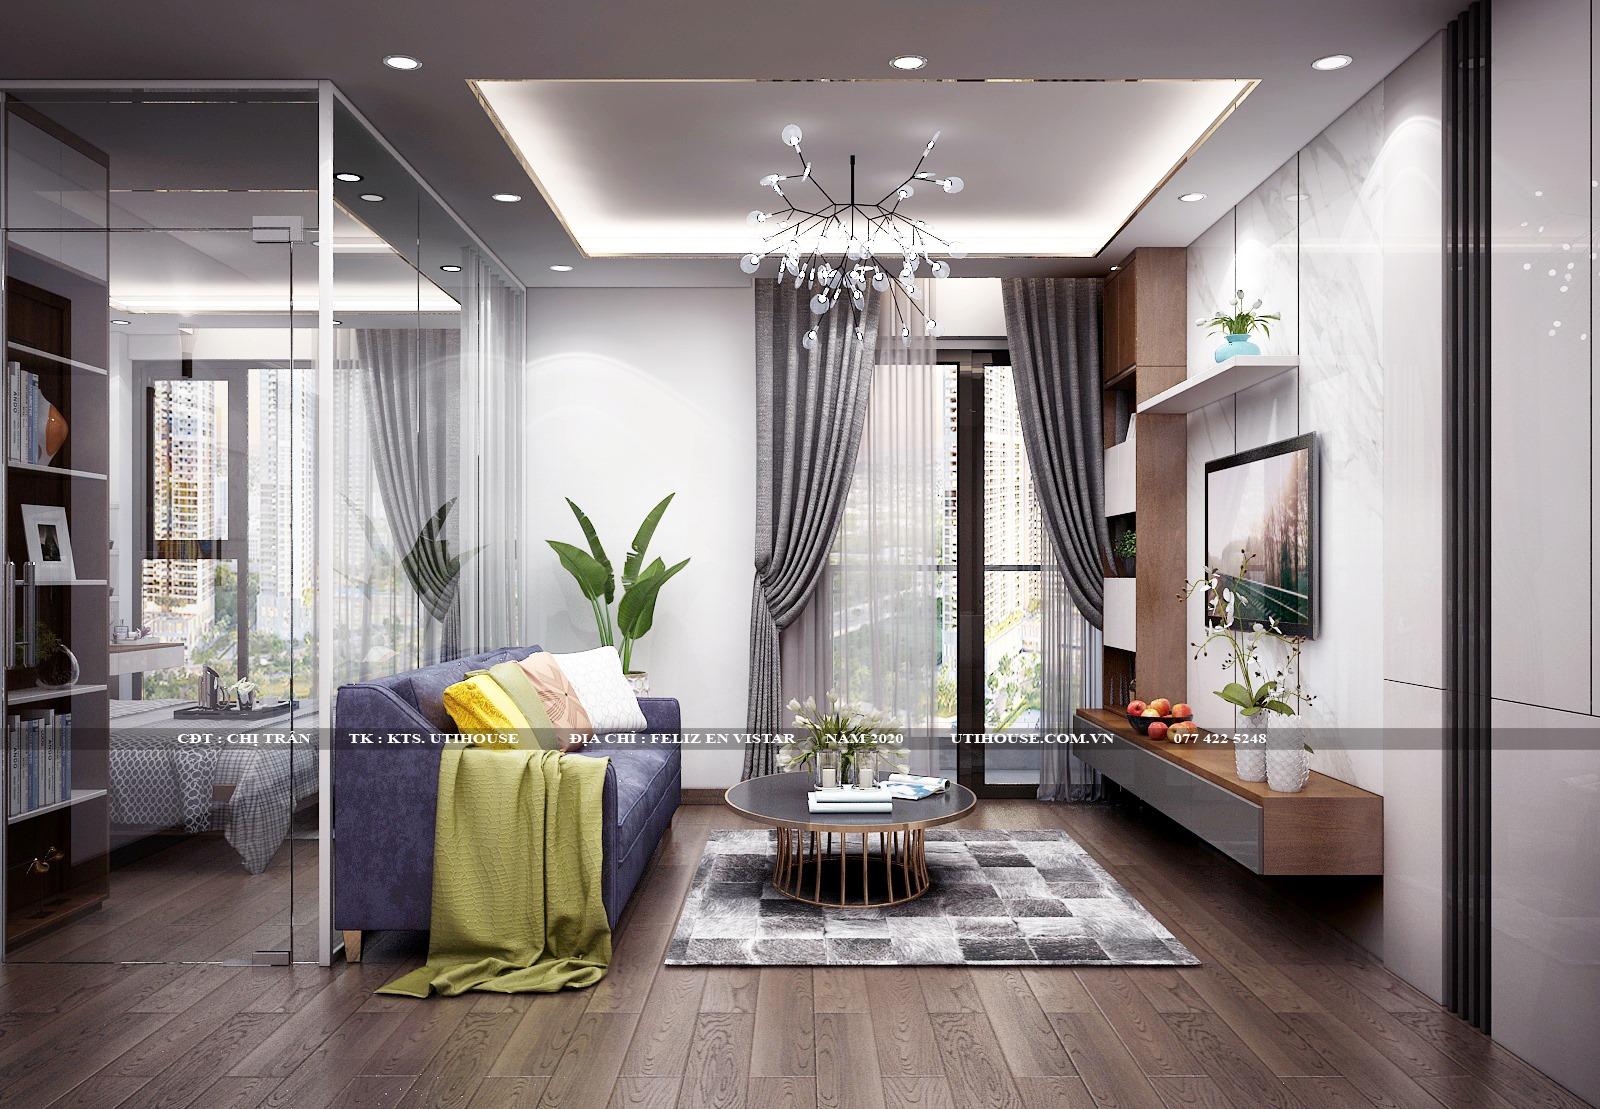 Tổng hợp mẫu thiết kế nội thất căn hộ chung cư cao cấp sang trọng